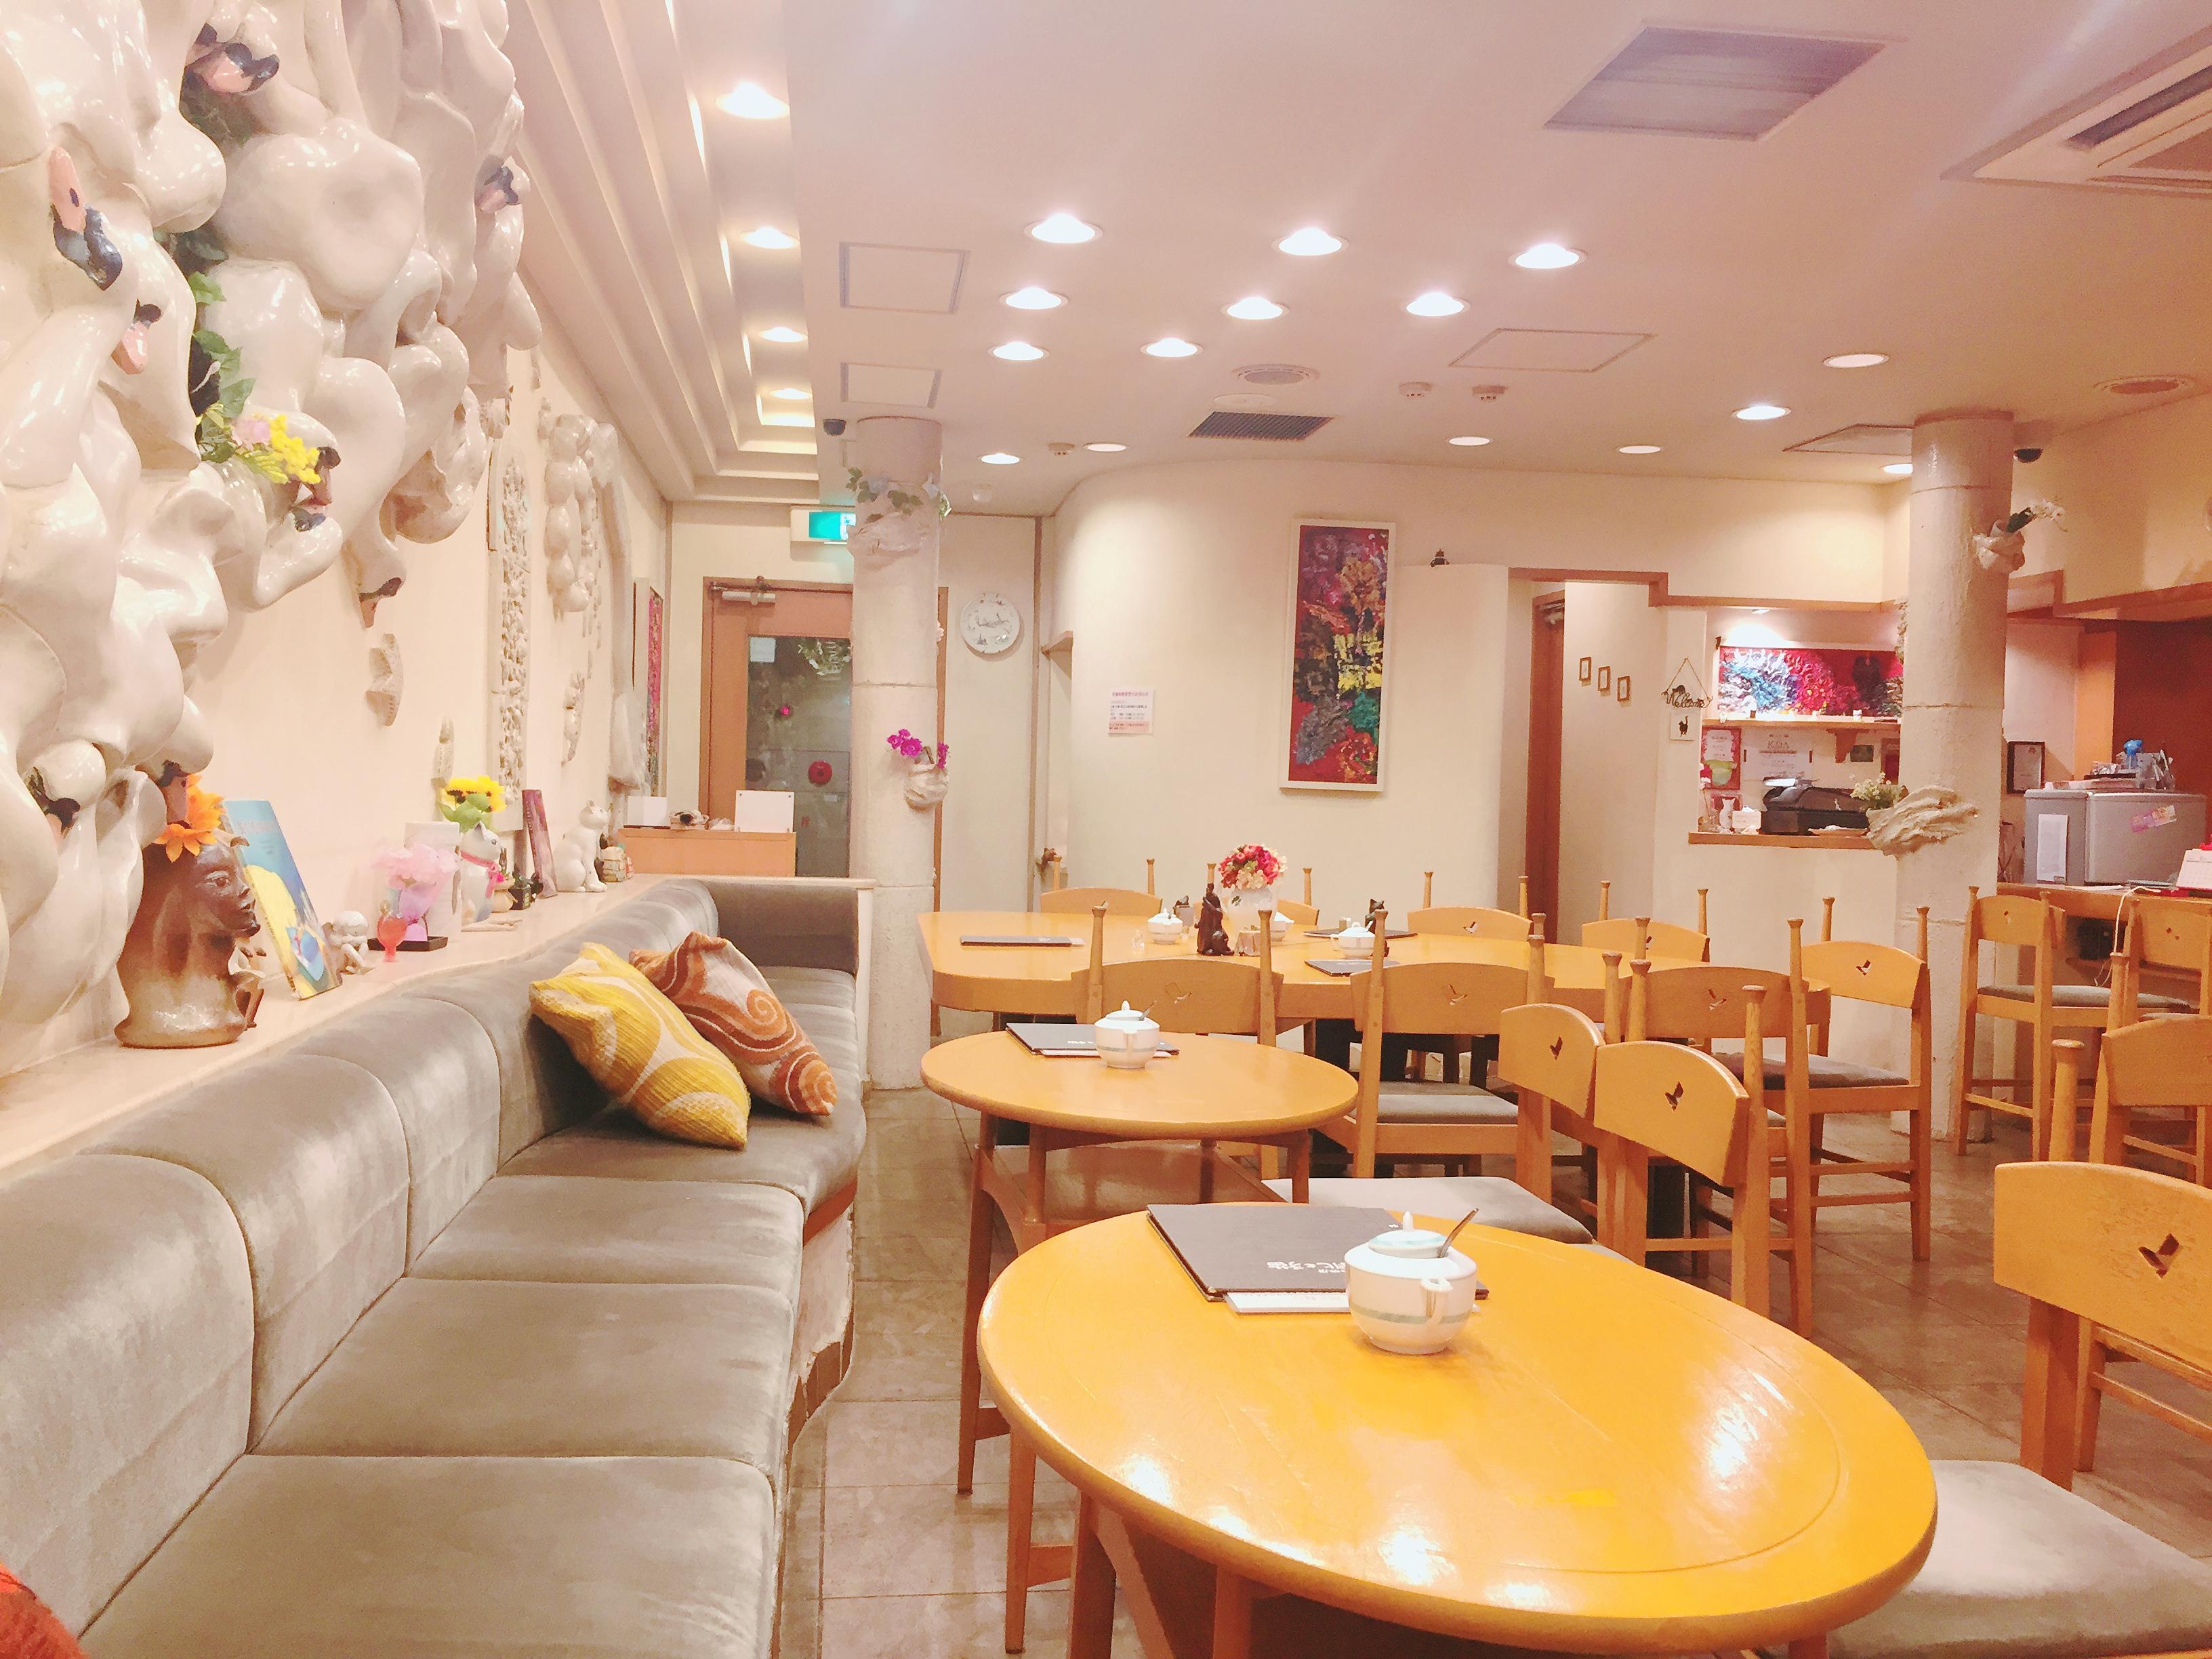 店内いっぱいに広がるおとぎ話の世界!珈琲店「長靴と猫」で優雅なランチタイムを - IMG 6540